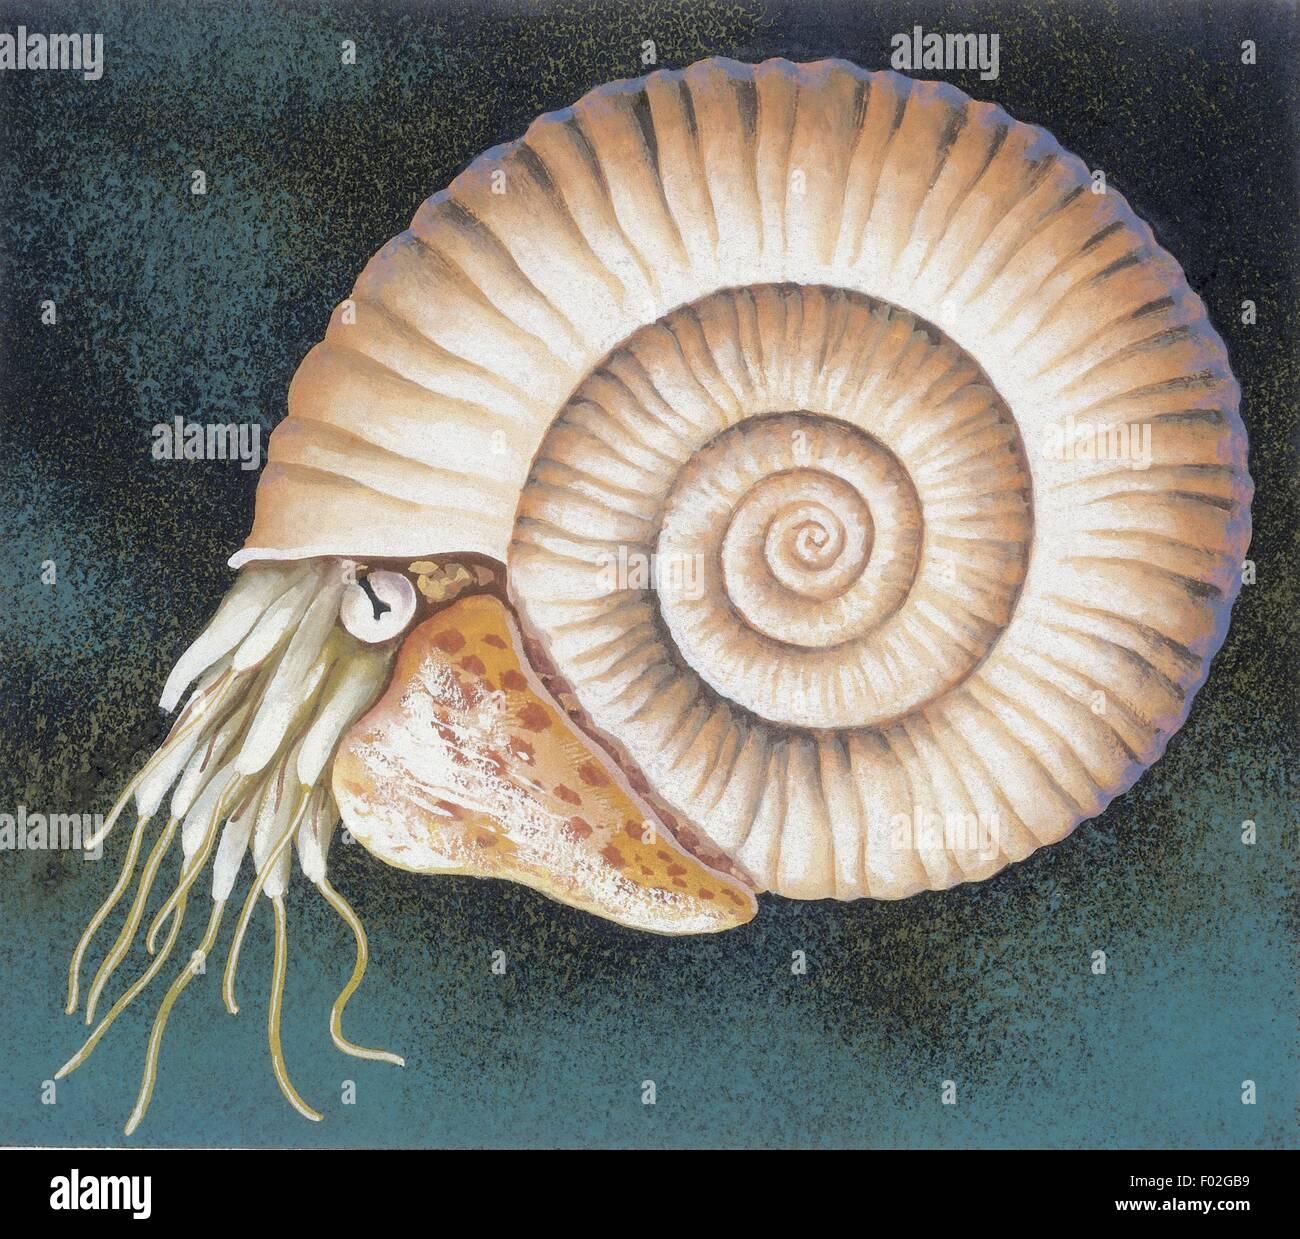 Zoology: Fossils - Ammonite. Art work - Stock Image